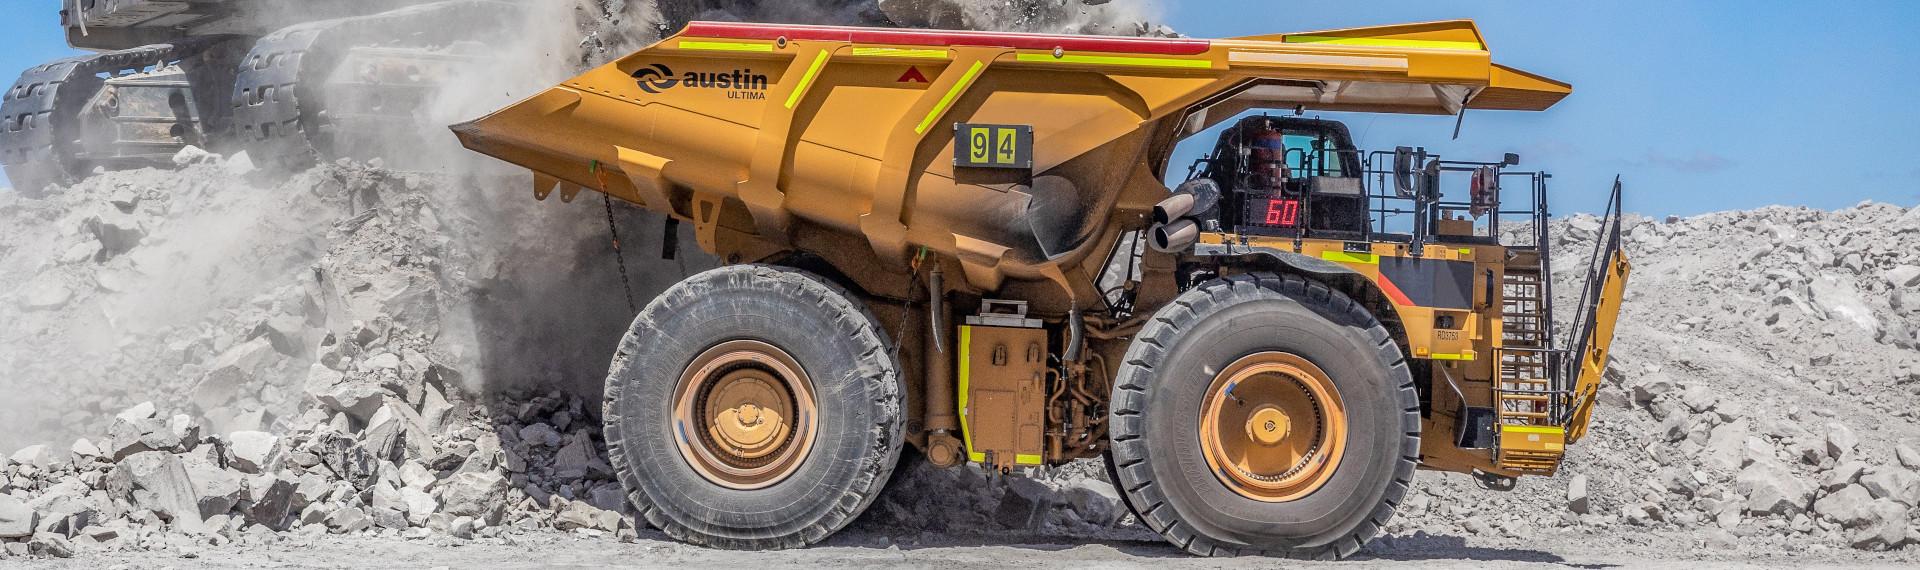 El camión minero de grandes dimensiones de Austin, que pesa un 25% menos gracias a Hardox® 500 Tuf